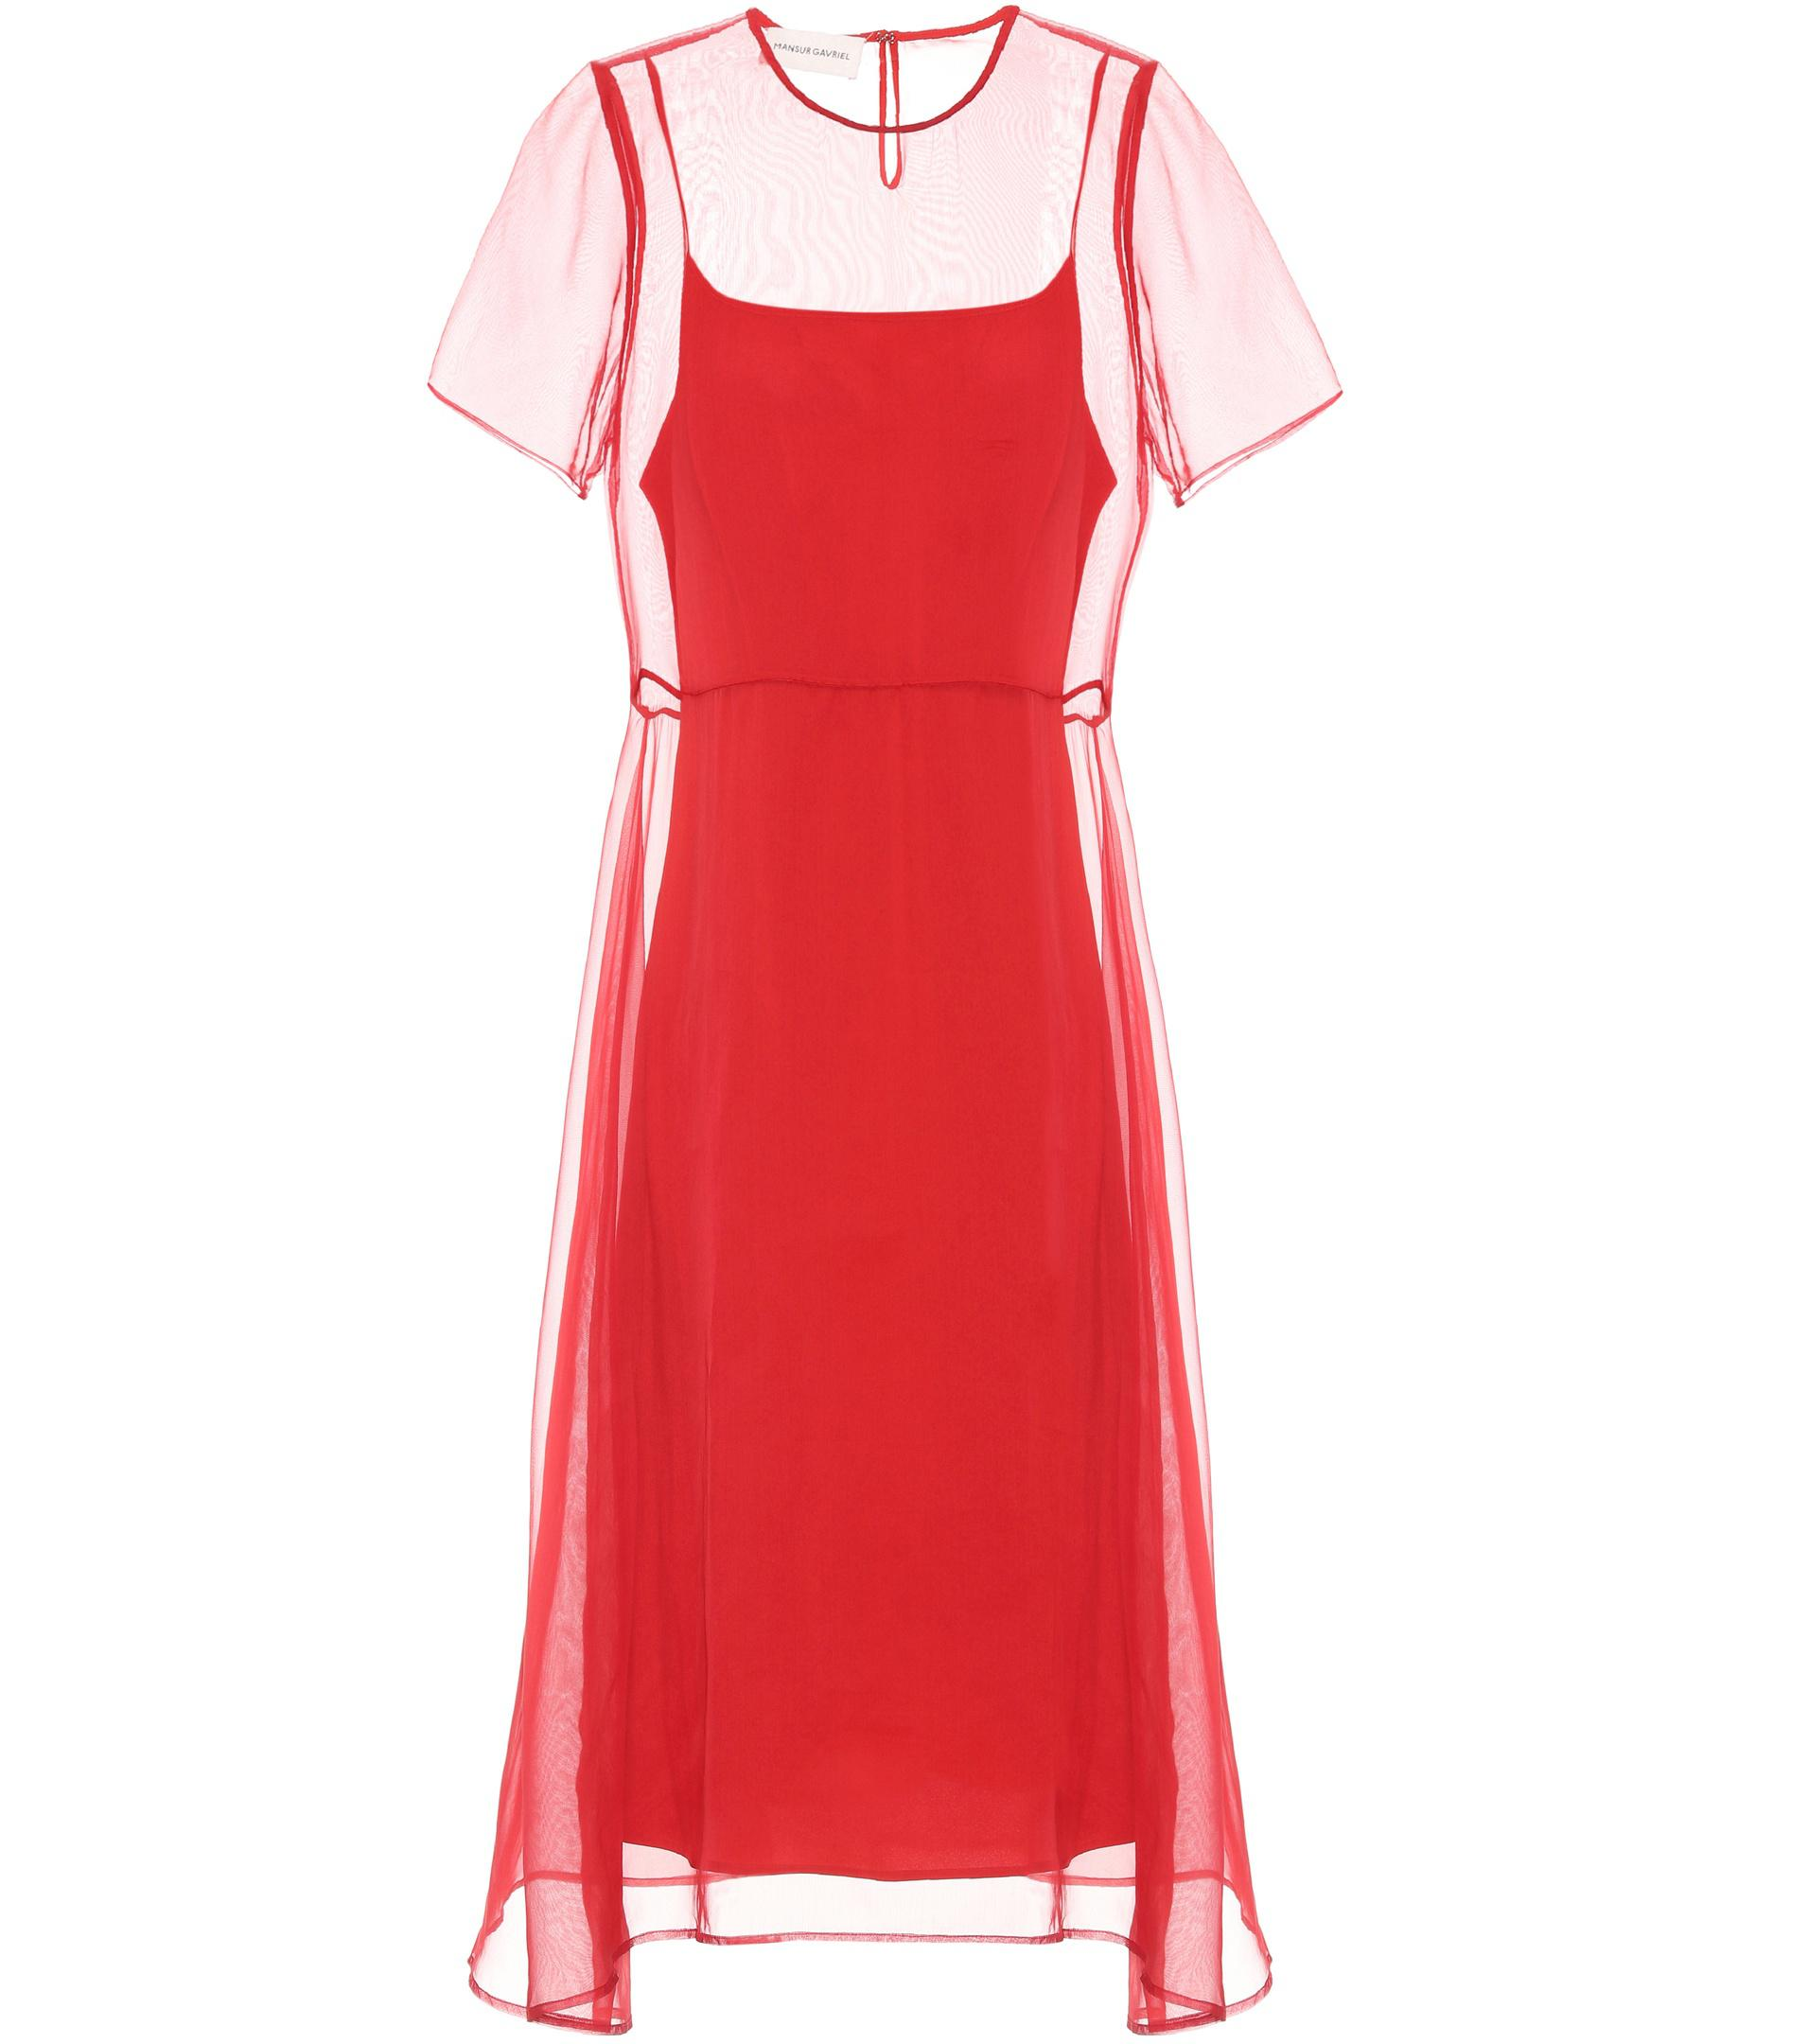 Layered silk dress Mansur Gavriel Outlet Original Buy Sale Online S7S44njh